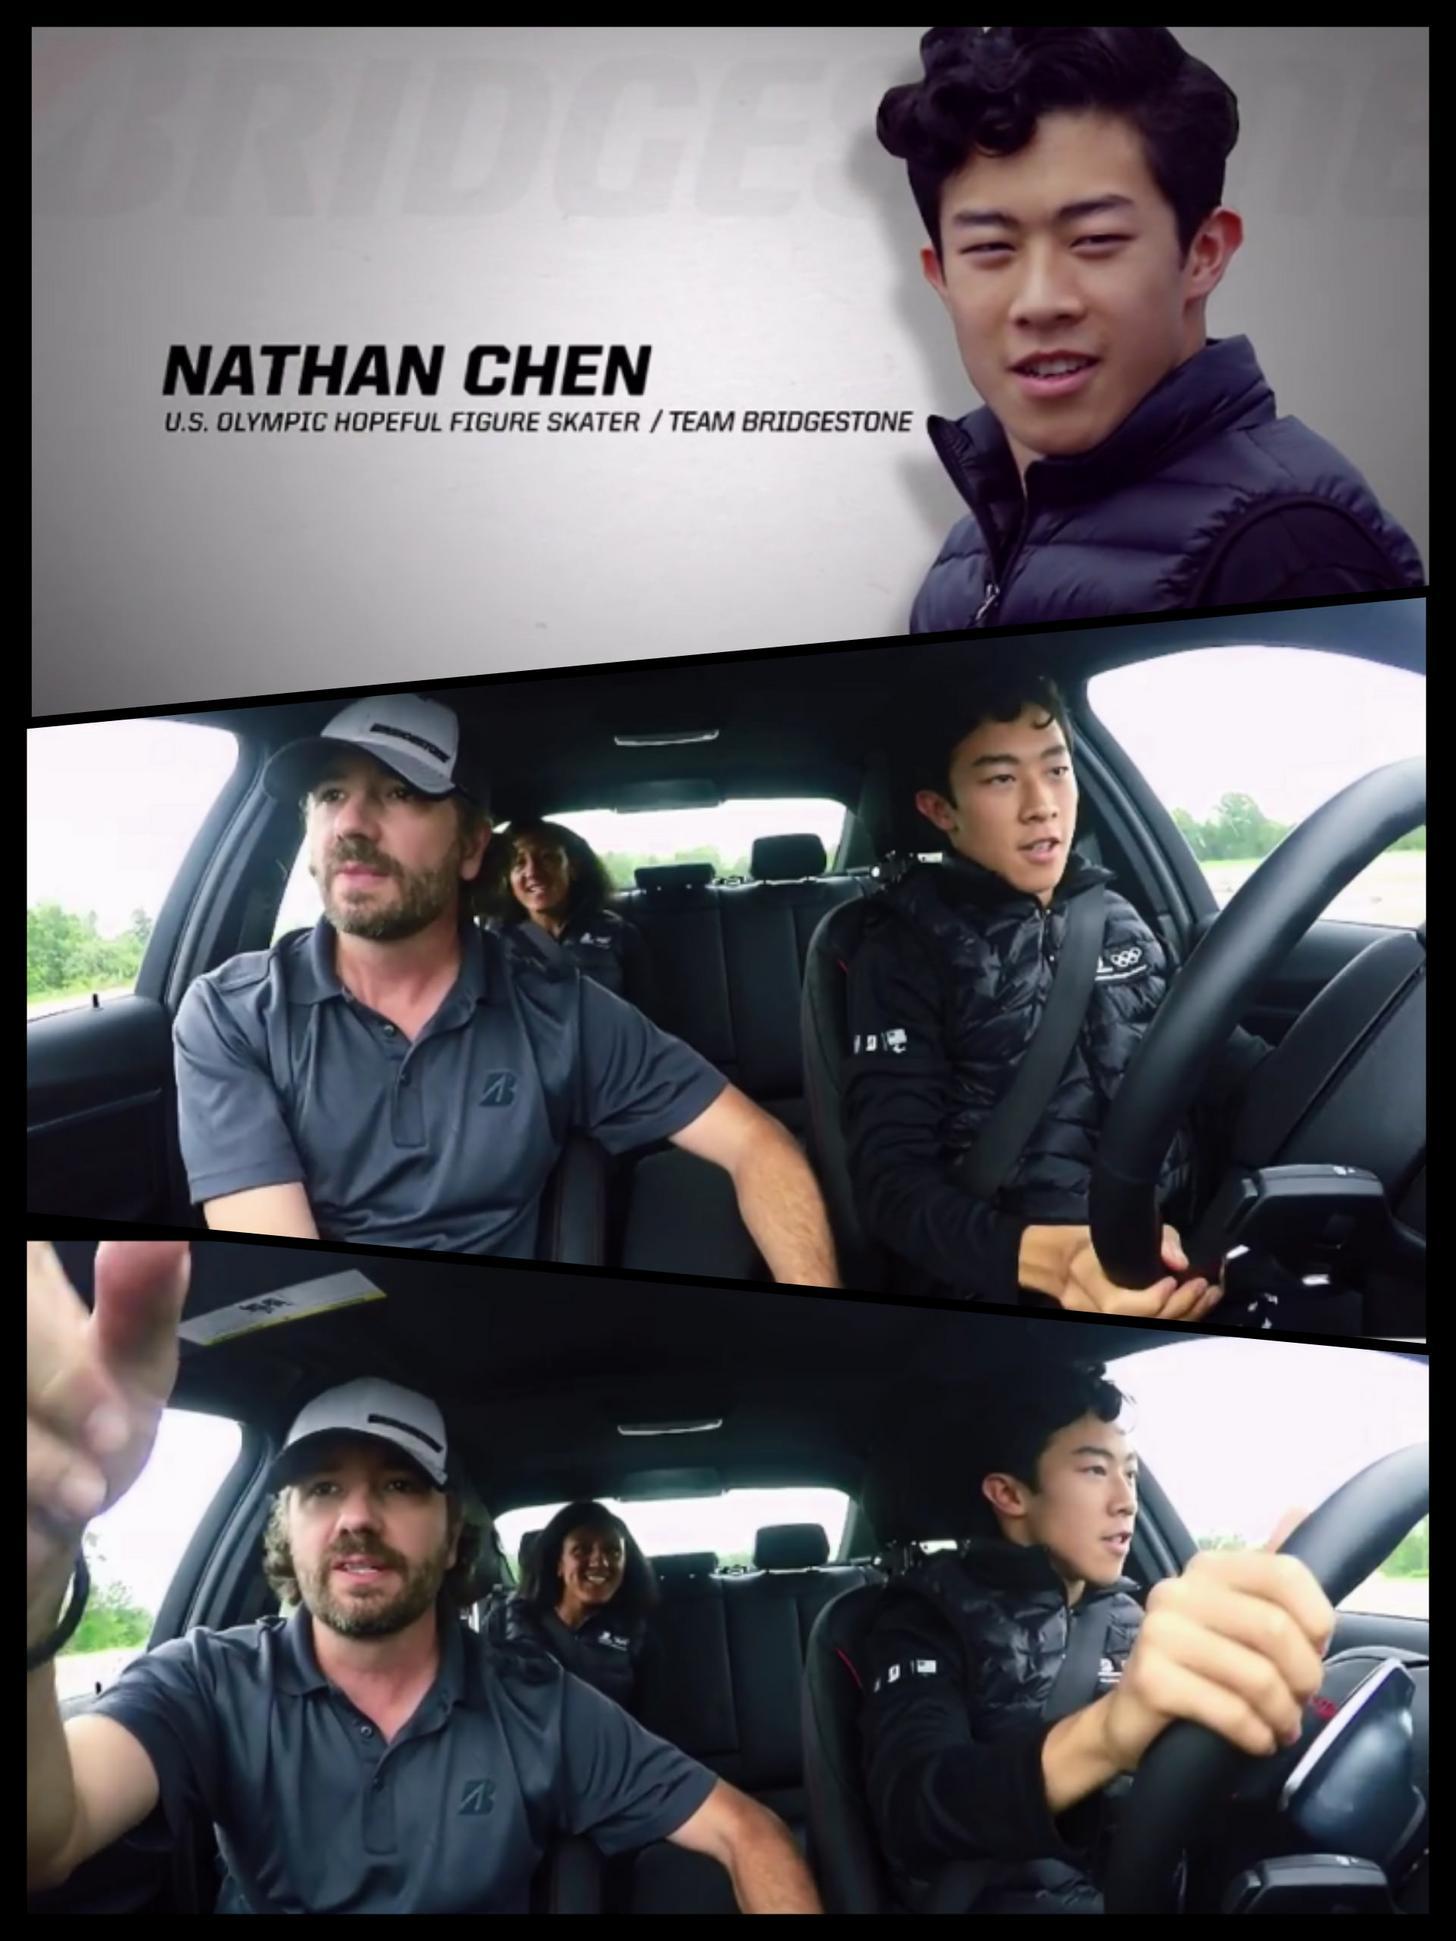 ネイサン・チェンがブリジストンのPR動画に出演し自動車を運転。ドライビングテクニックを披露